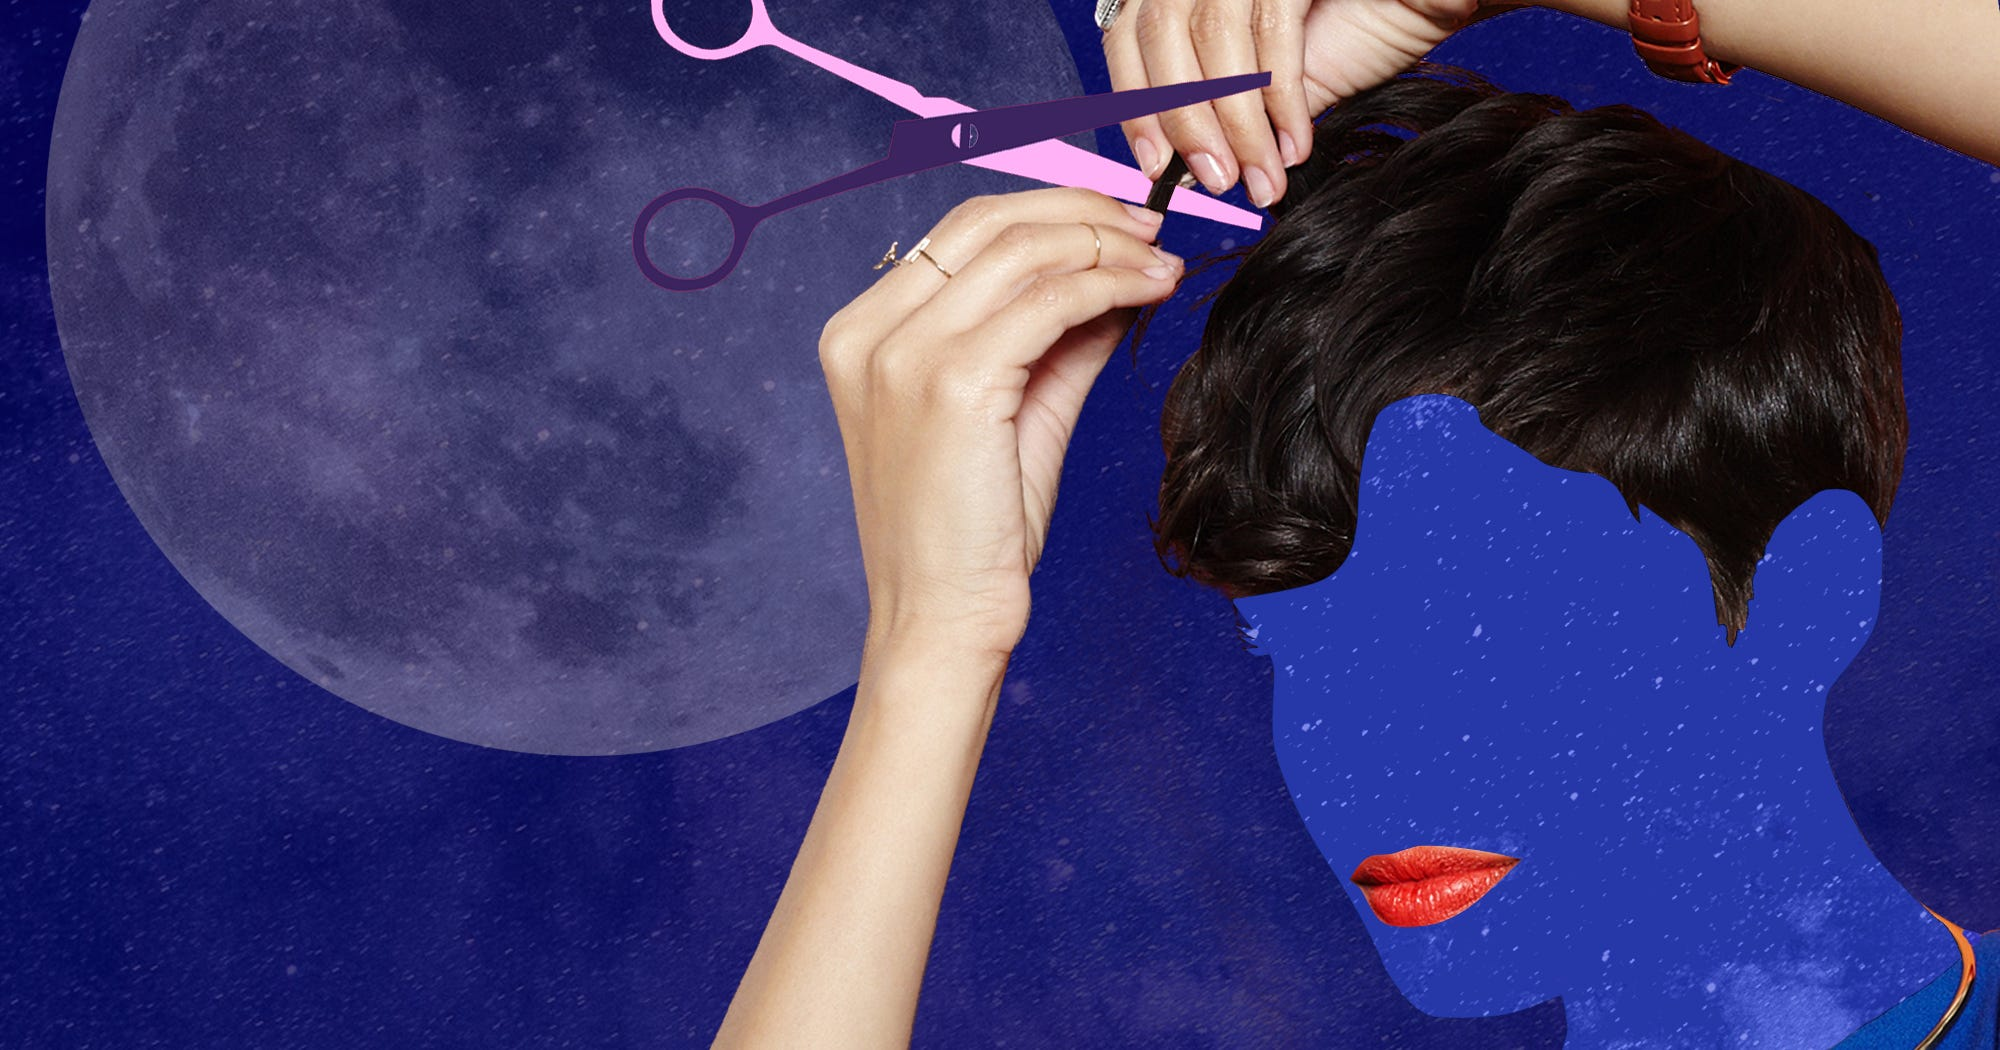 Haare Schneiden Nach Mondkalender